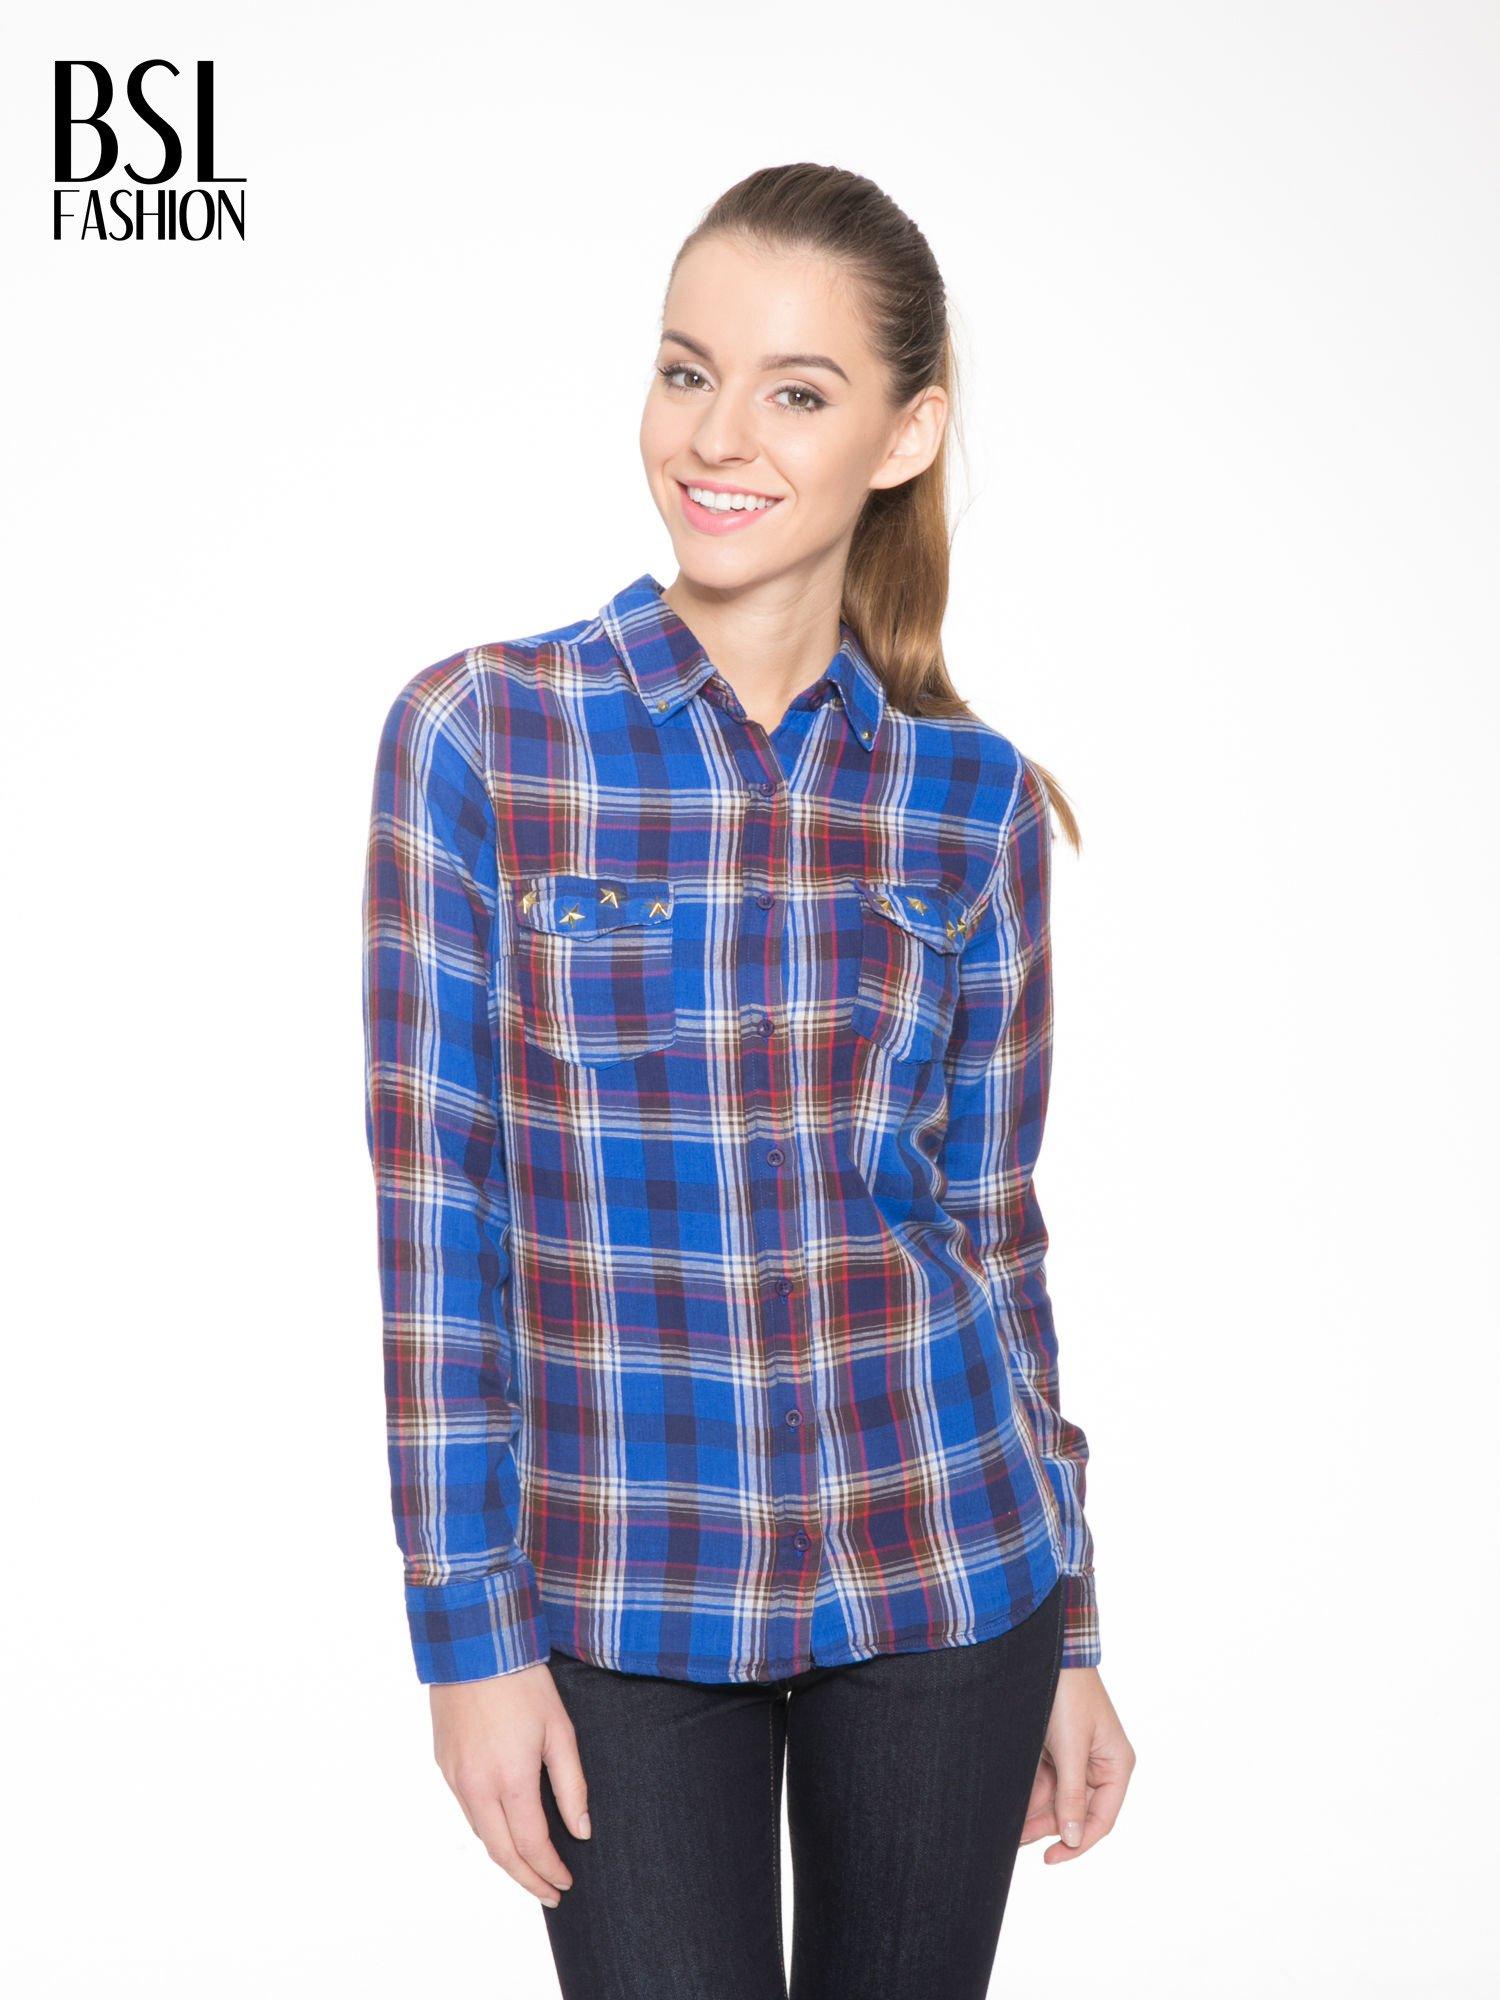 Niebieska koszula w kratę z gwiazdkami przy kieszonkach                                  zdj.                                  1